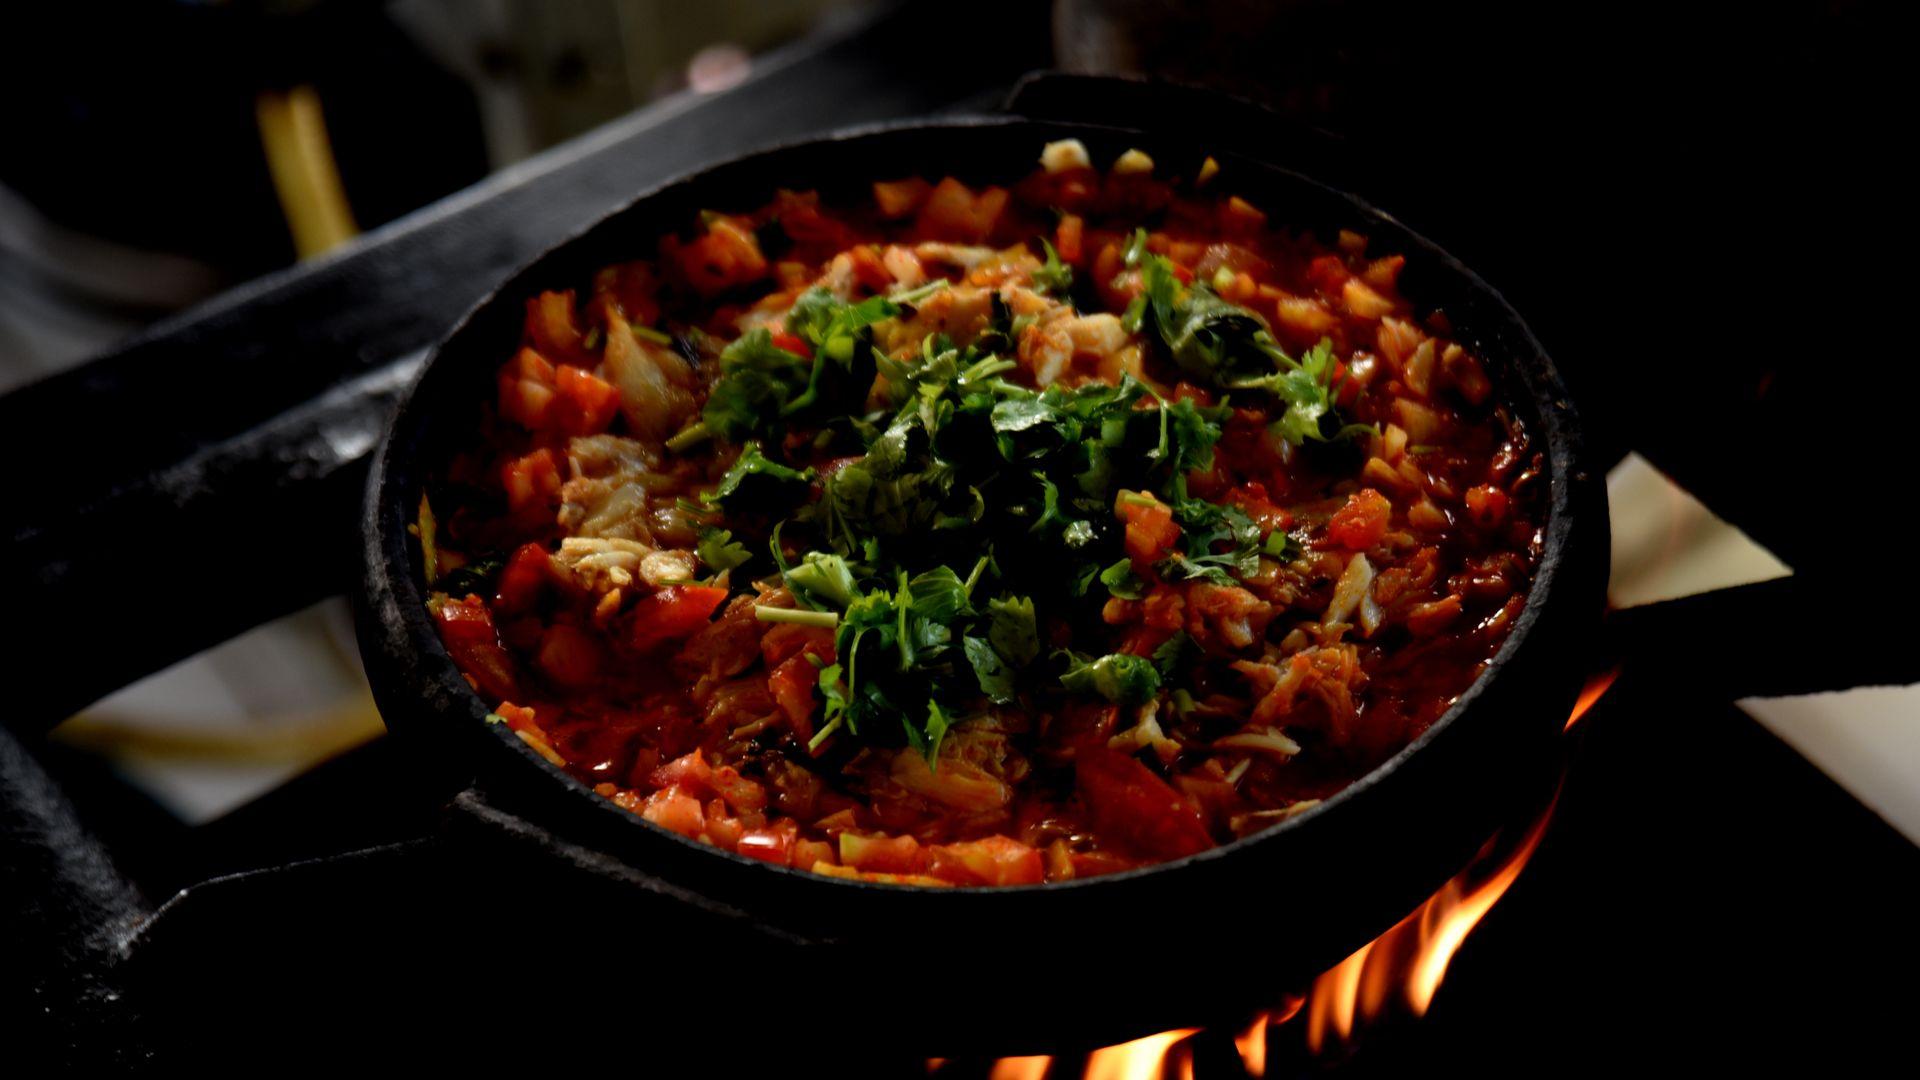 Data: 22/05/2020 - ES - Vitória - Moqueca de siri  sendo preparada no restaurante da Ilha das Caieiras, em Vitória- Editoria: Cidades - Foto: Ricardo Medeiros - GZ